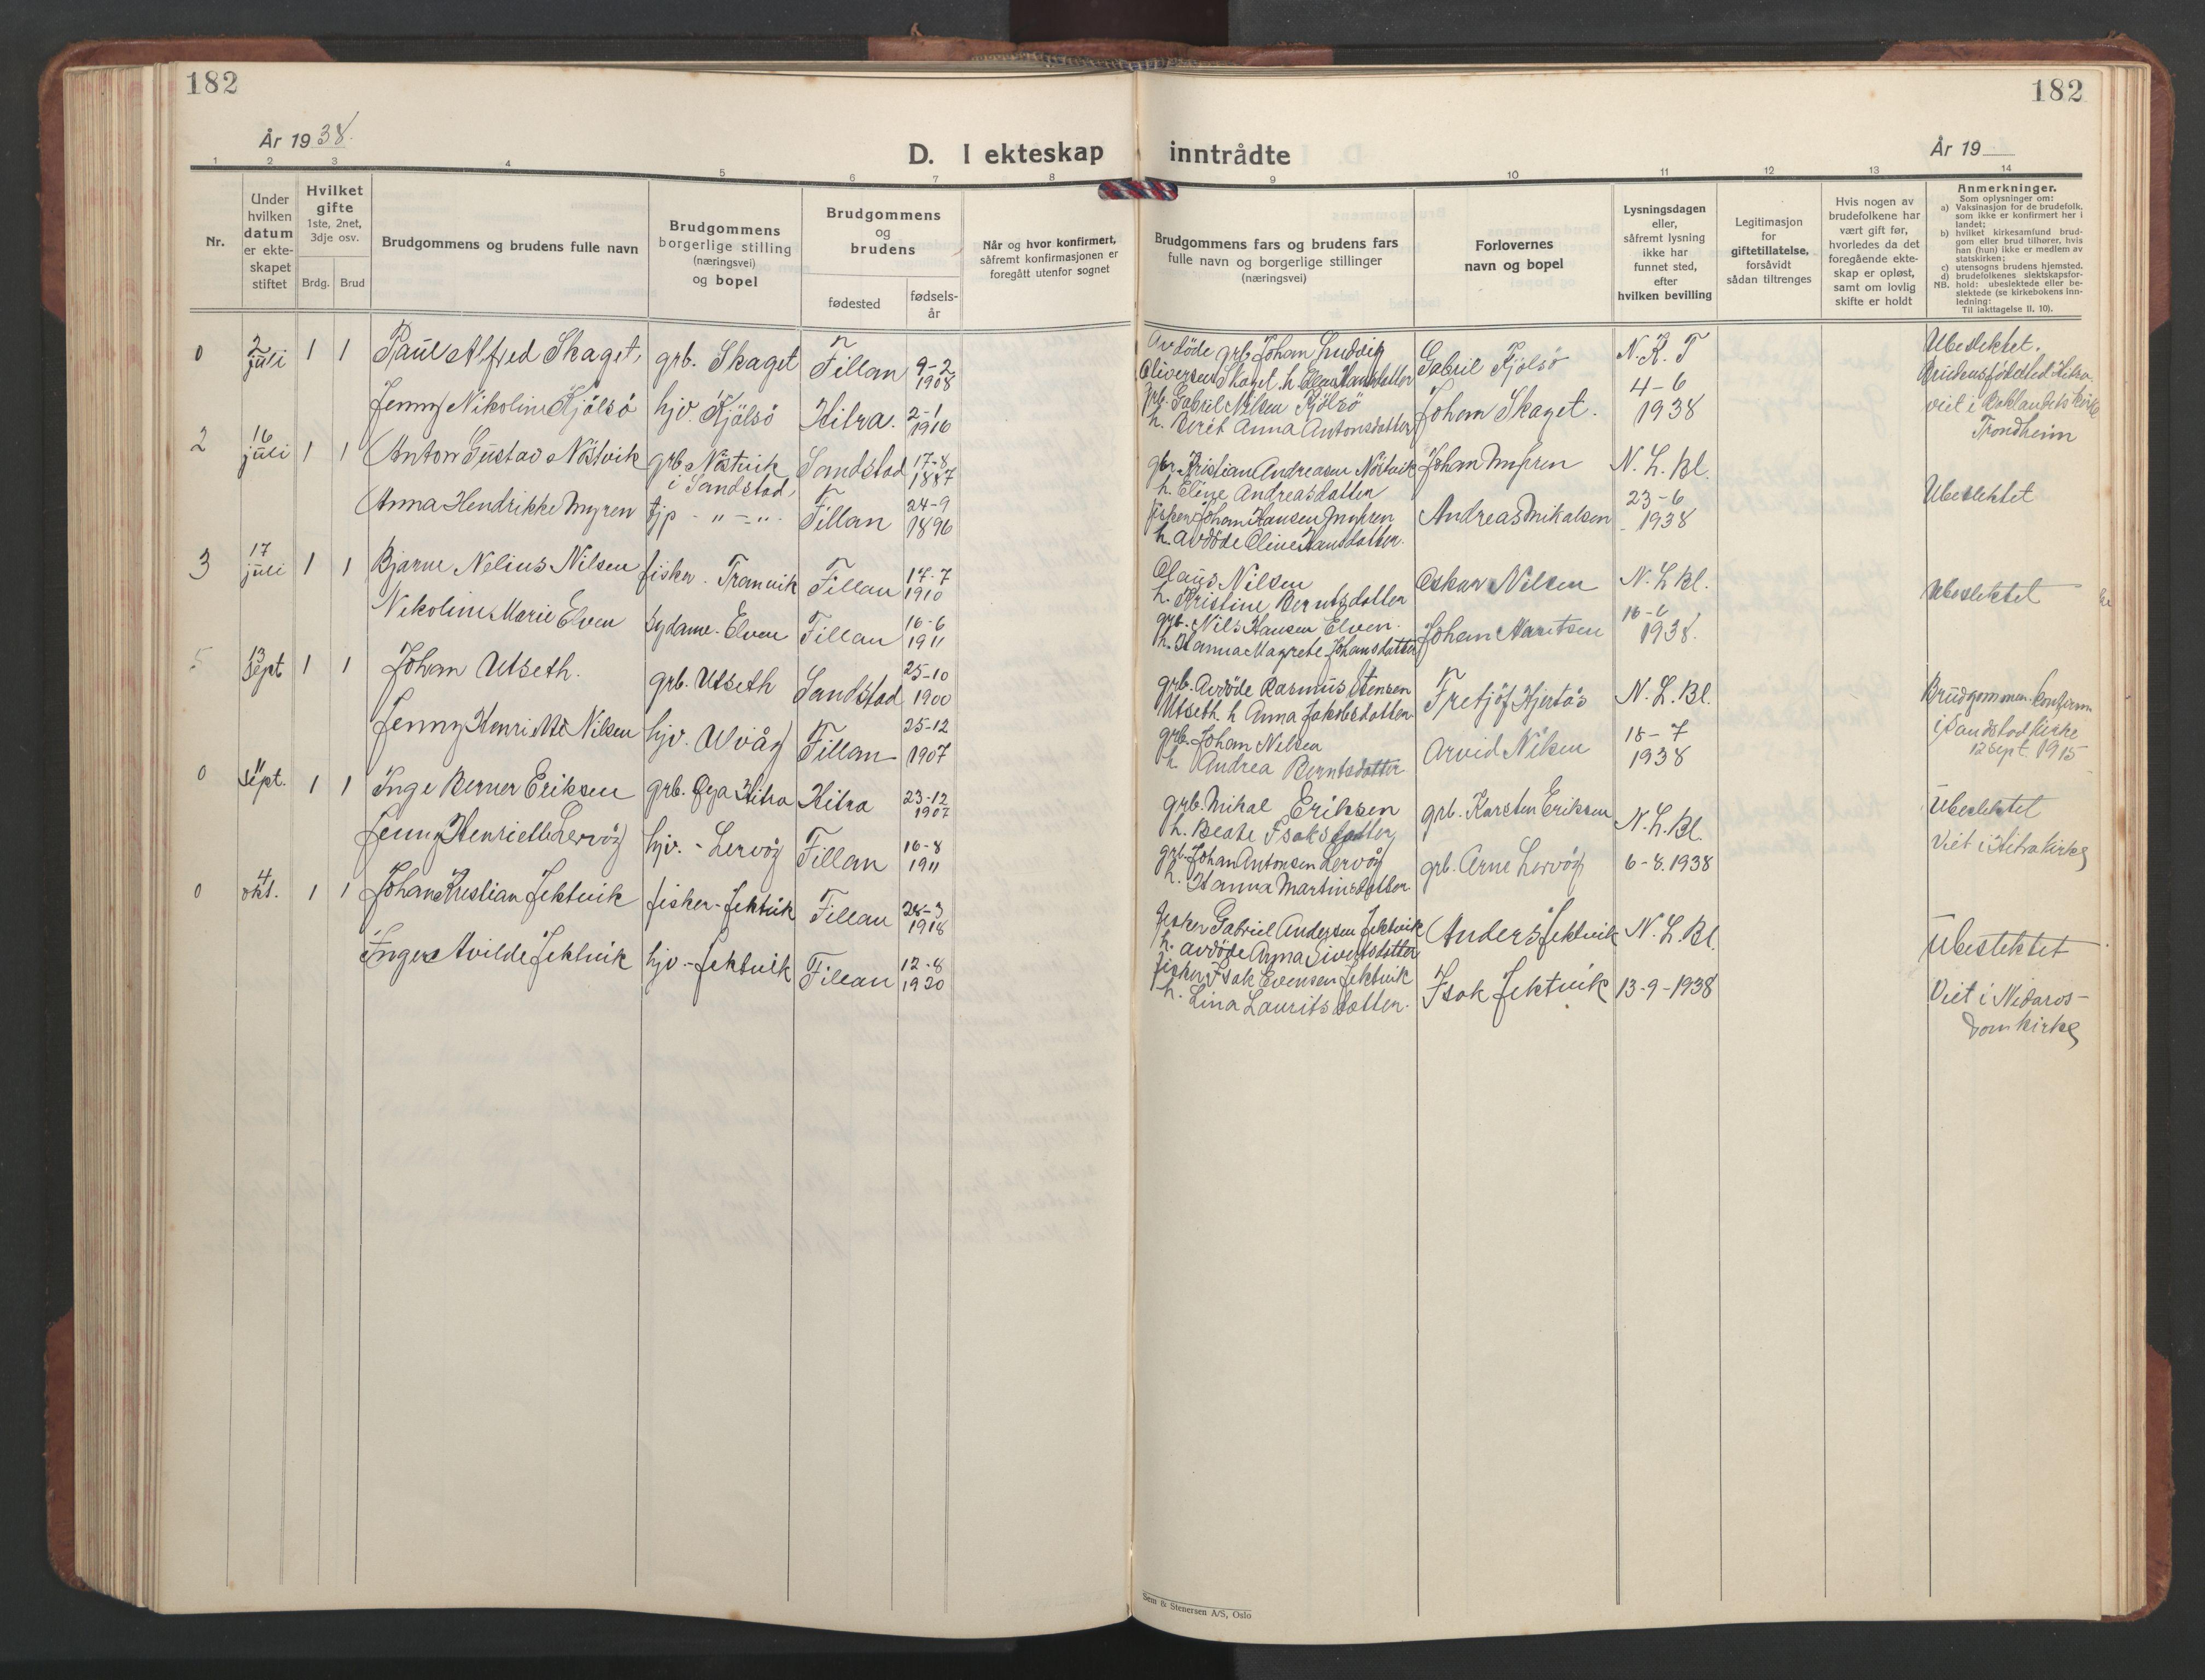 SAT, Ministerialprotokoller, klokkerbøker og fødselsregistre - Sør-Trøndelag, 637/L0564: Klokkerbok nr. 637C05, 1928-1968, s. 182